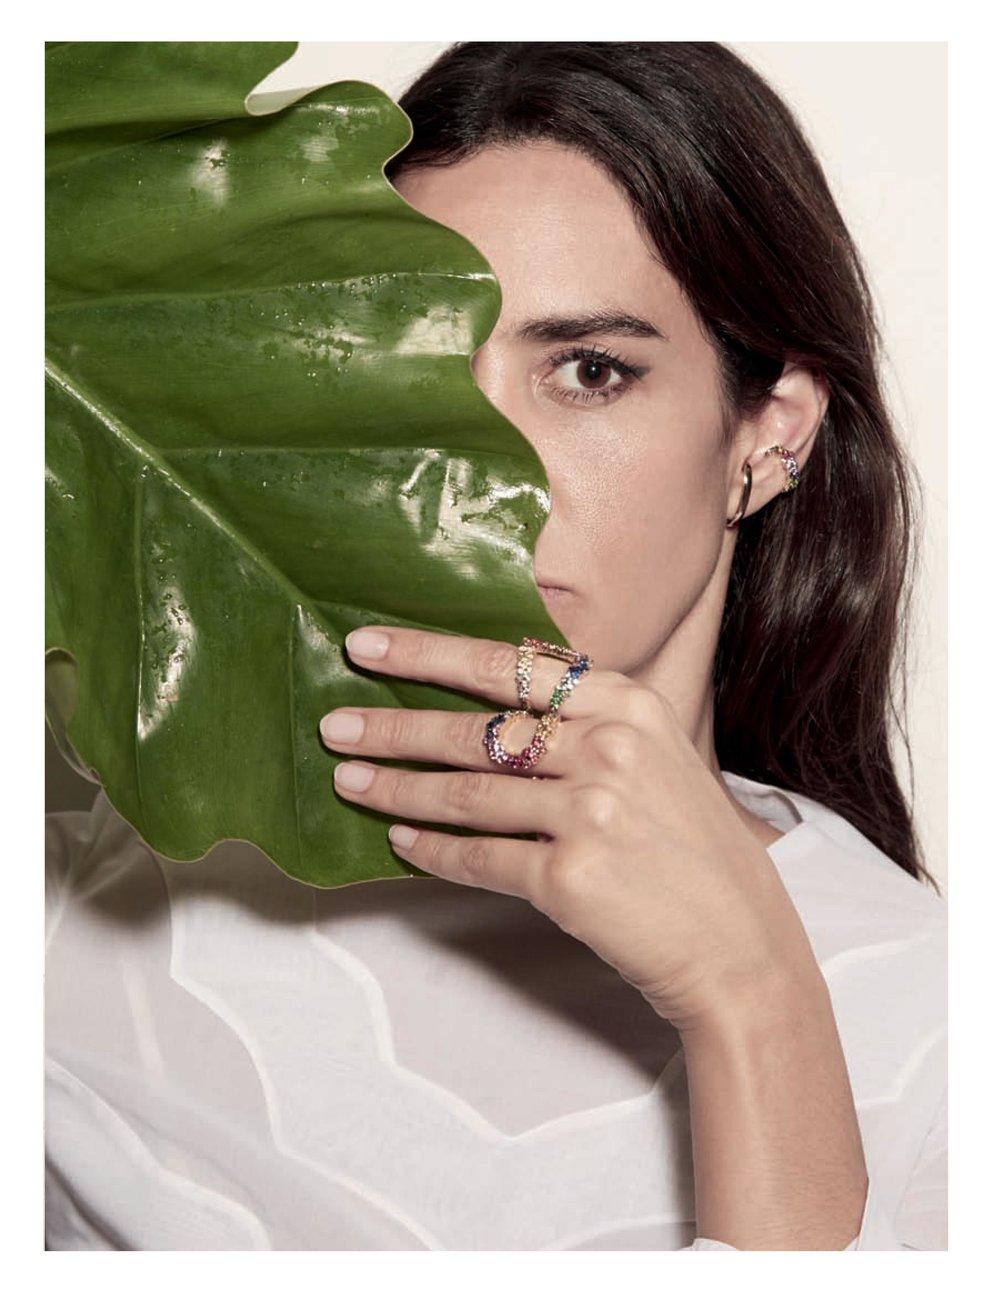 Vogue Brasil 5